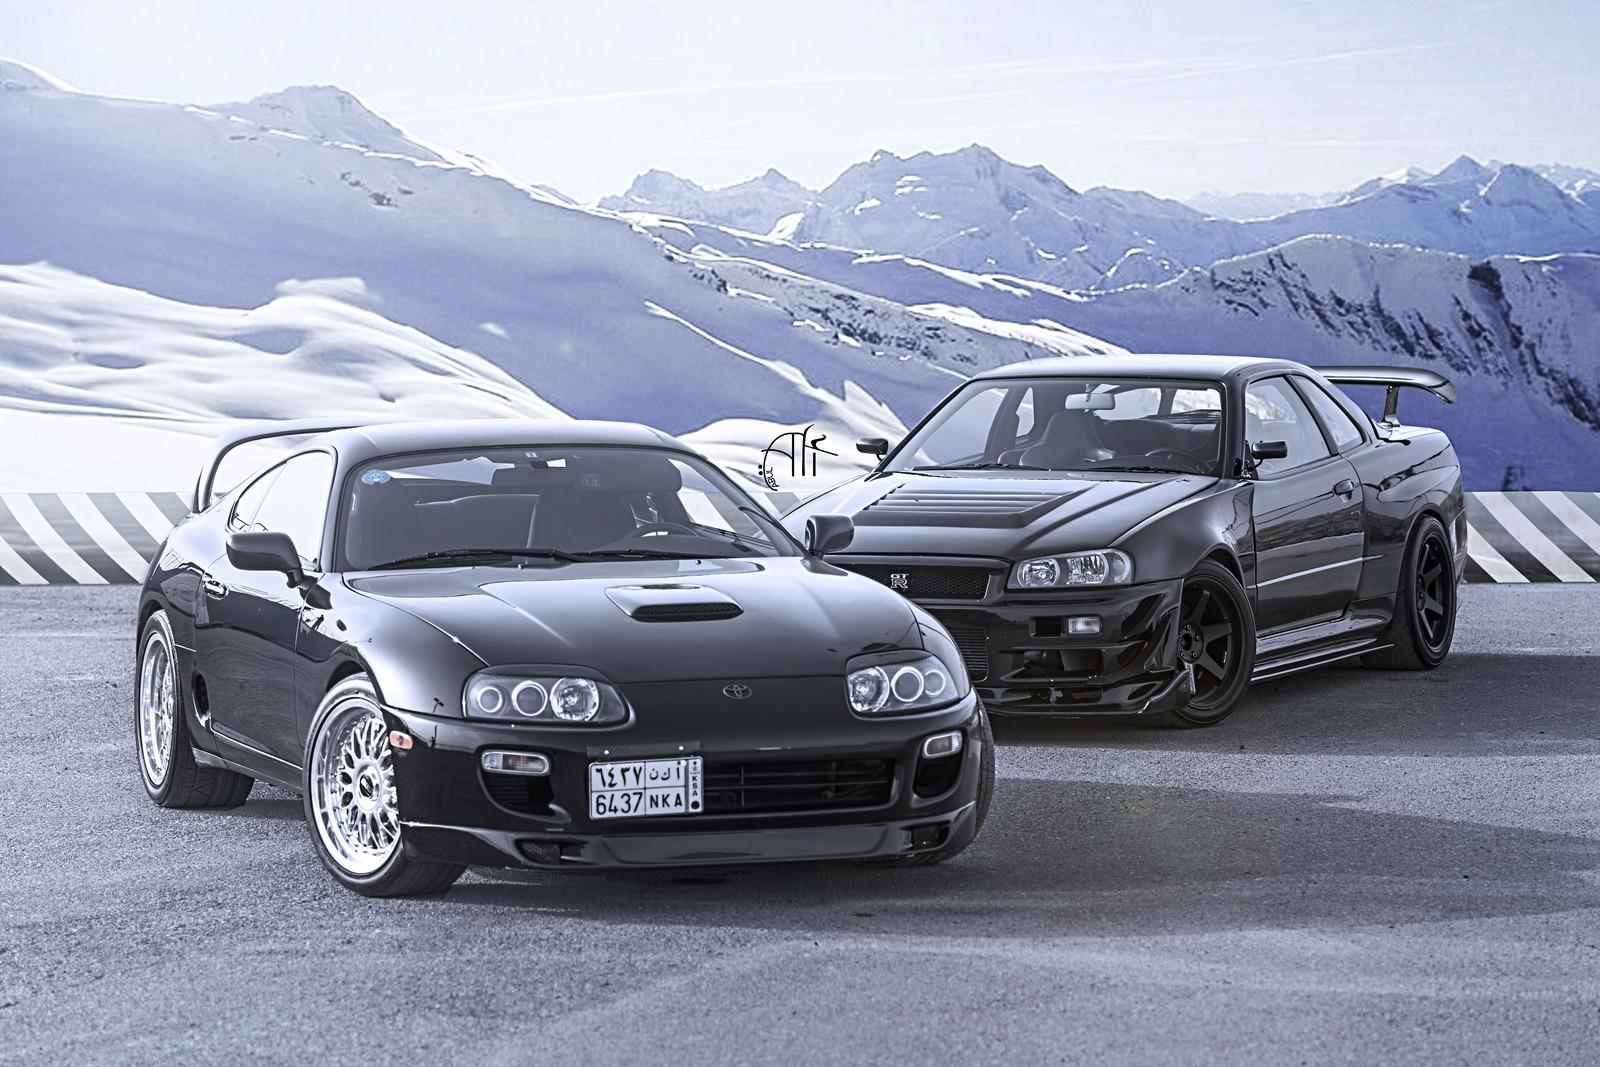 R34 GTR or Supra? | StanceNation™ // Form > Function